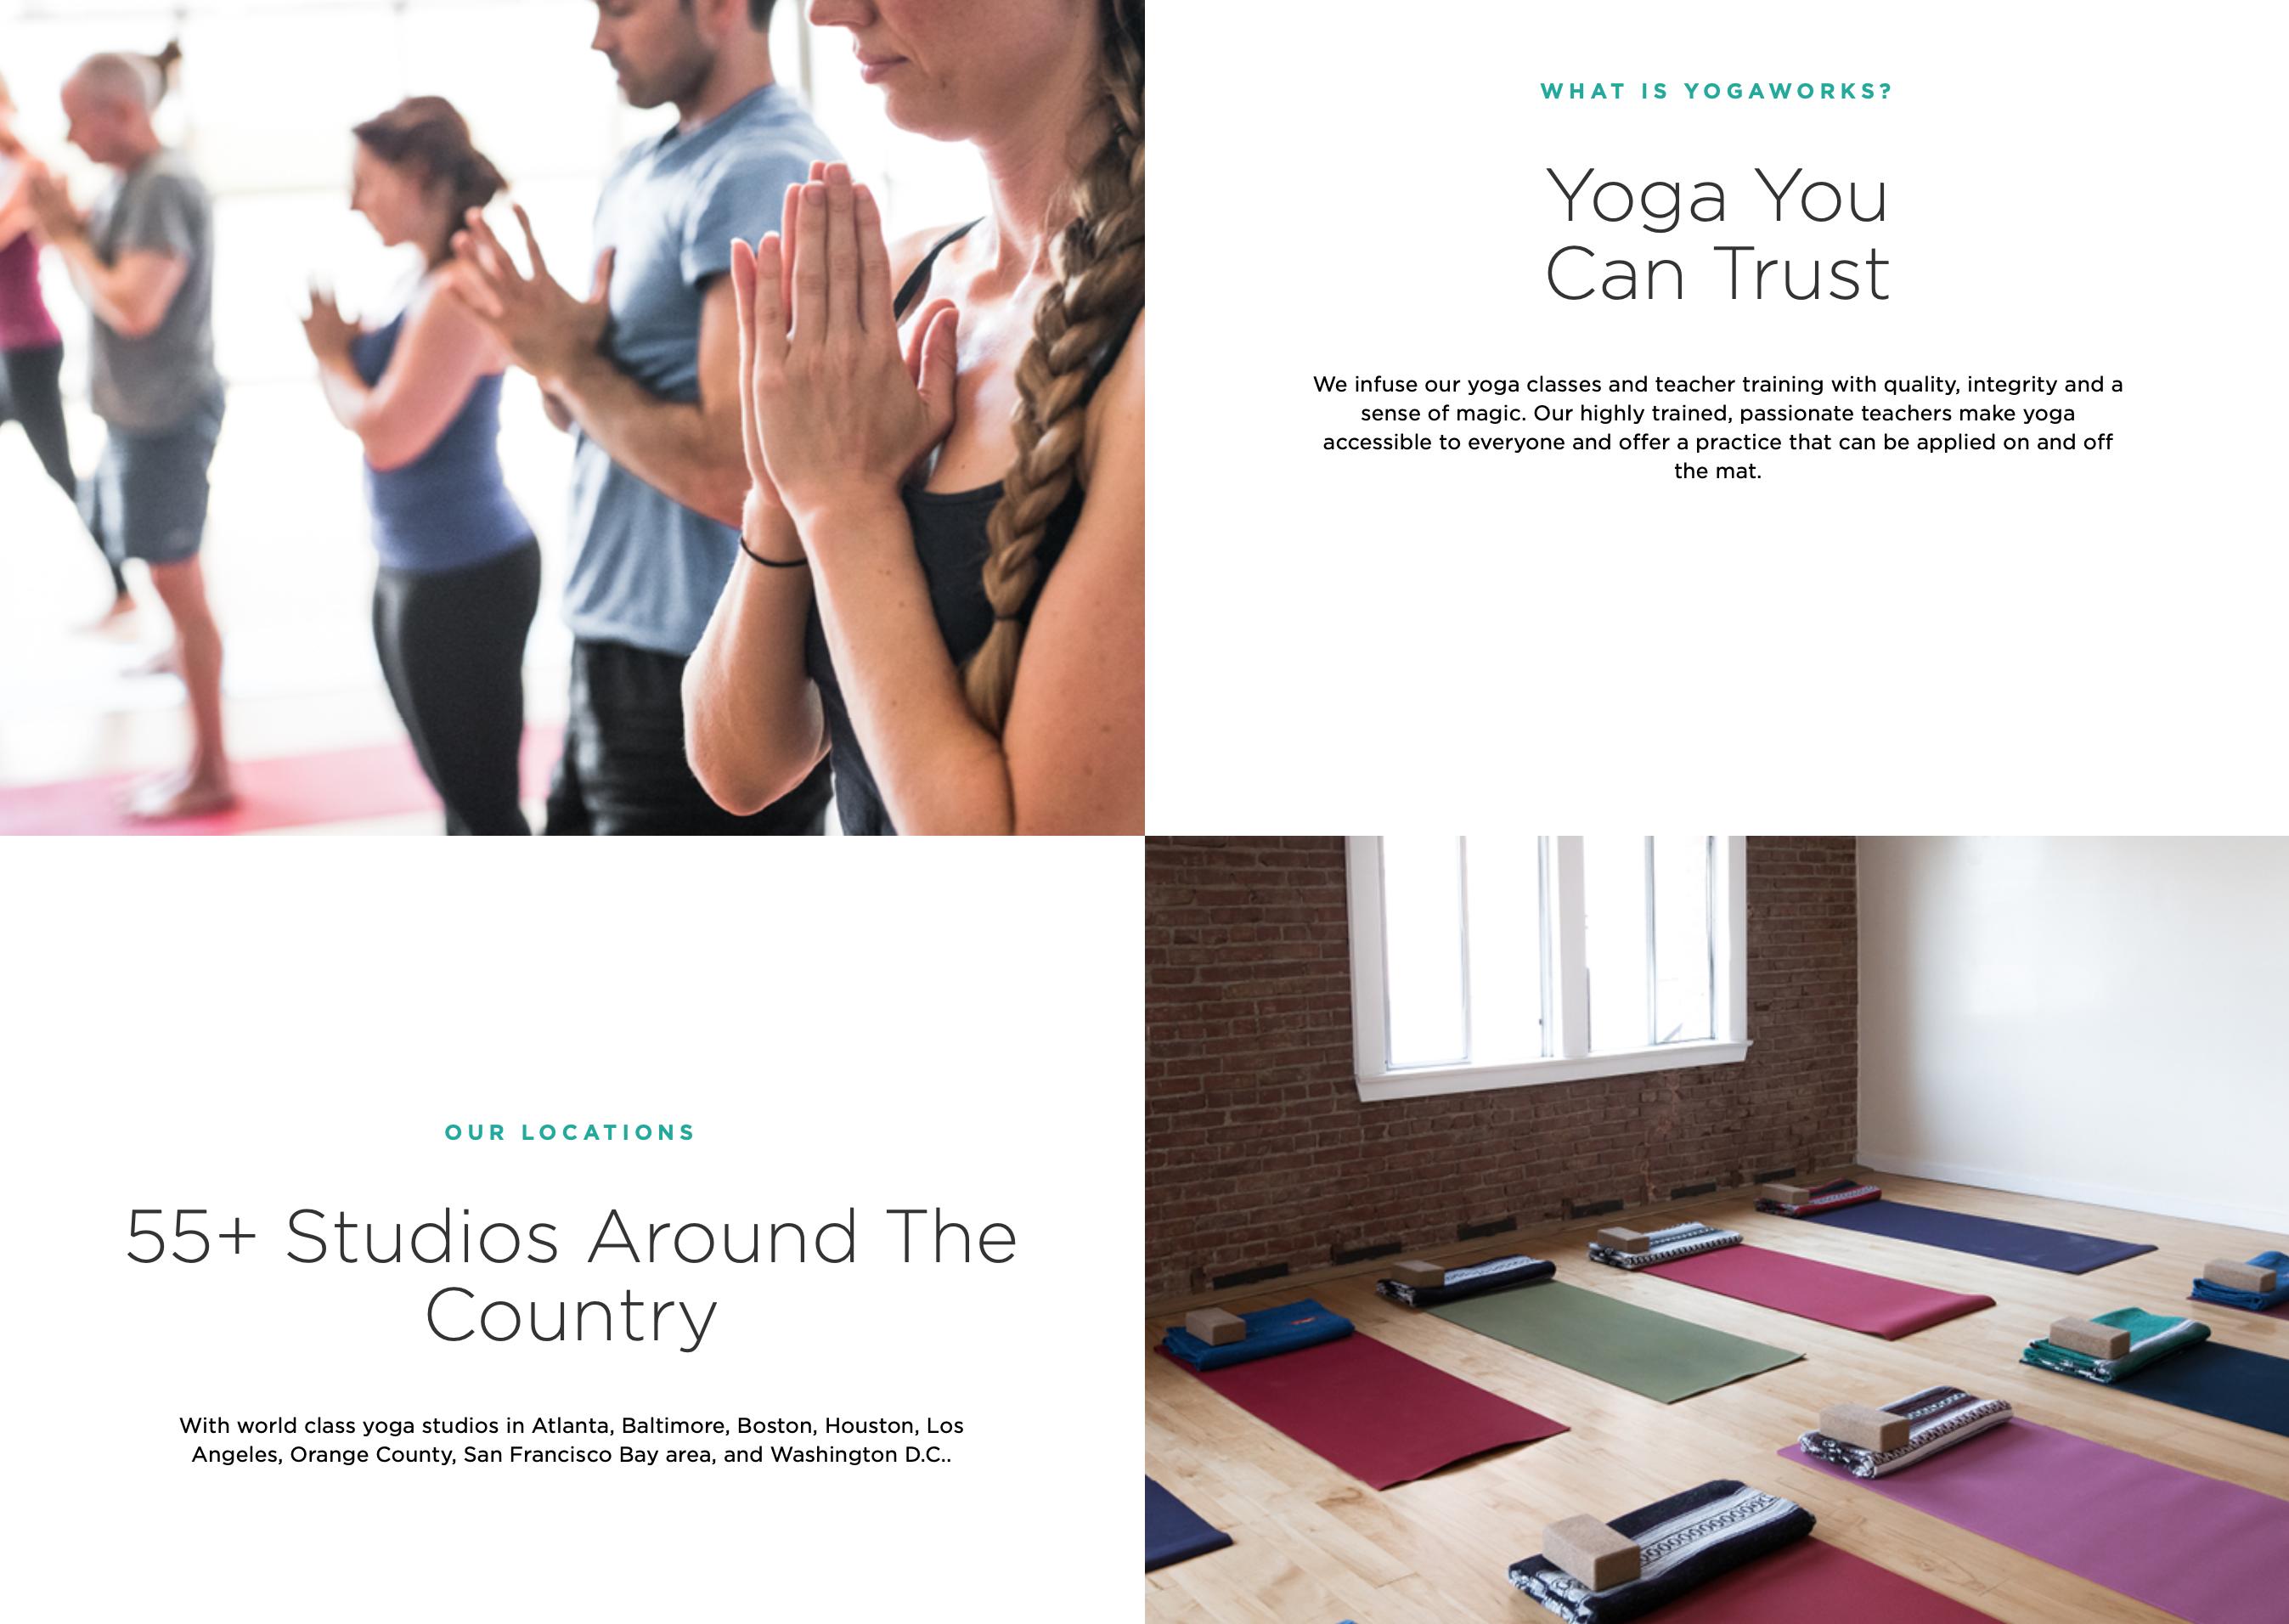 首个在纳斯达克上市的瑜伽连锁品牌YogaWorks 申请破产保护